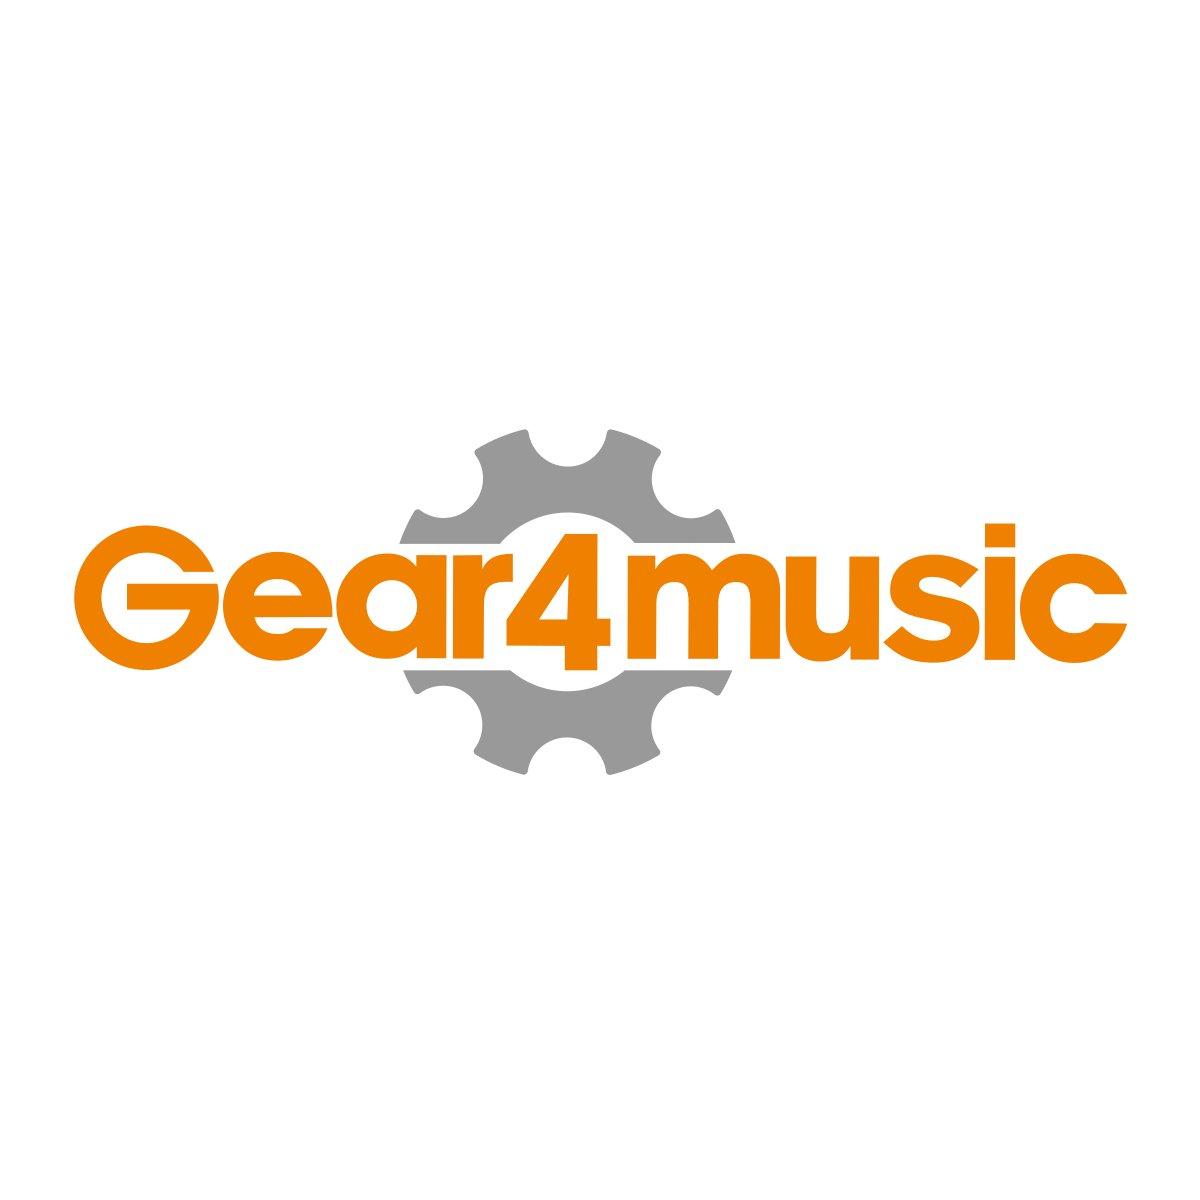 3/4 Elektrische Contrabas van Gear4music, Zwart